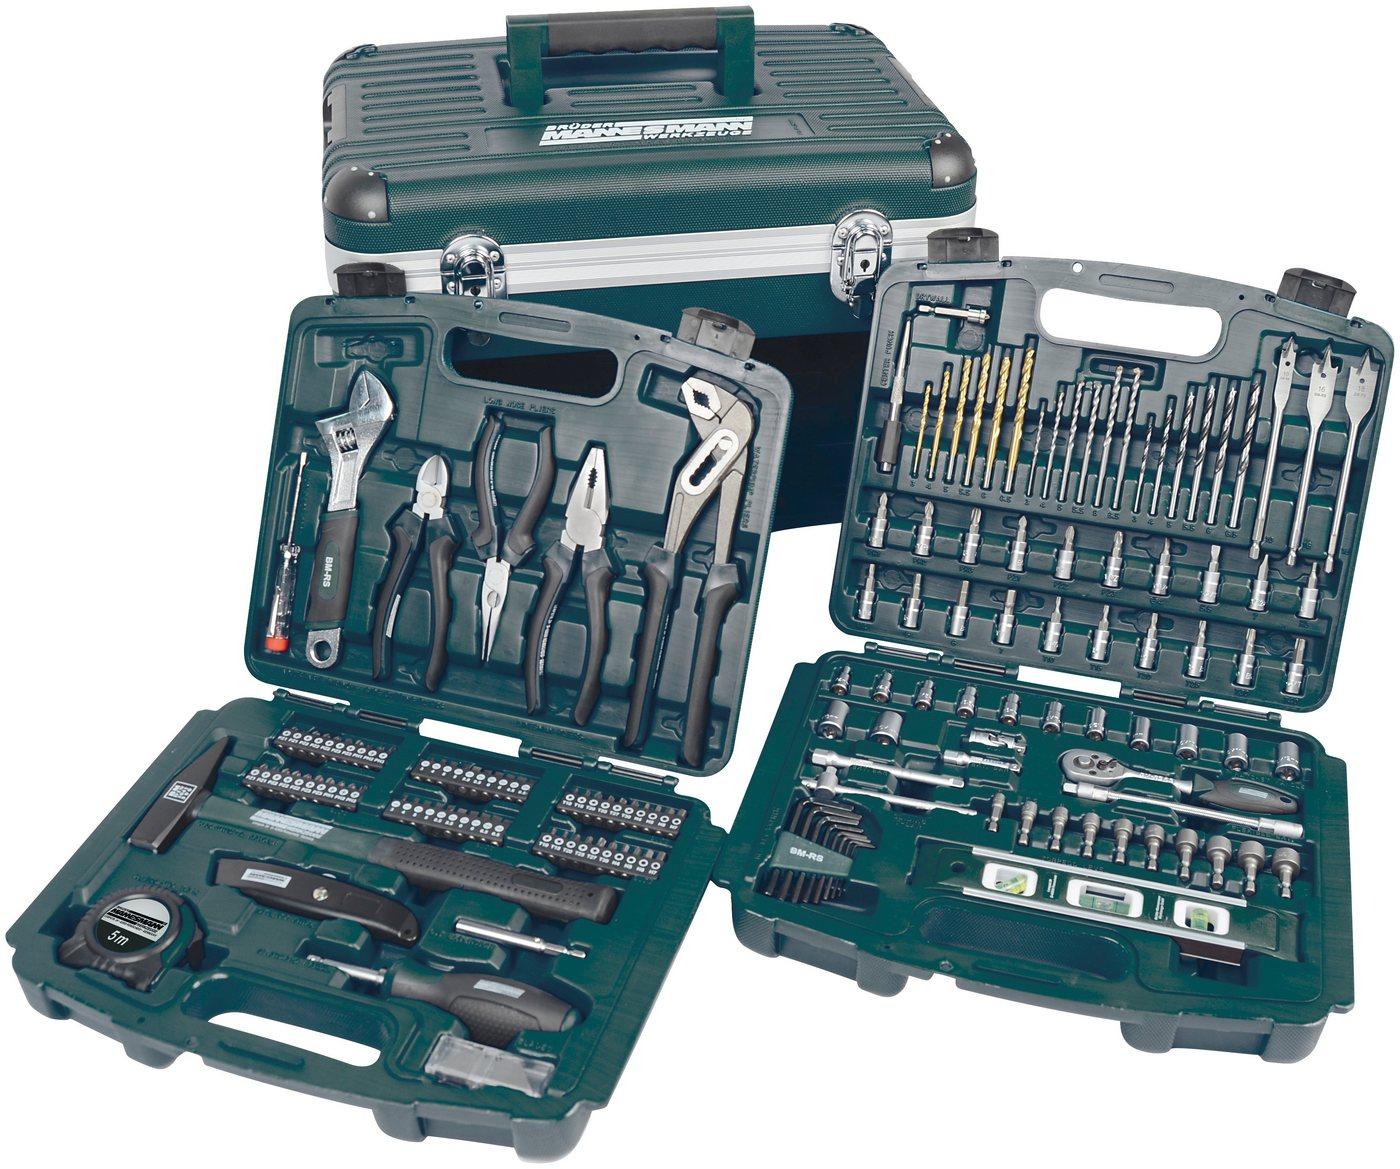 Brueder Mannesmann Werkzeuge Werkzeugbox »163-tlg.« | Baumarkt > Werkzeug > Werkzeug-Sets | Grün | Brüder Mannesmann Werkzeuge